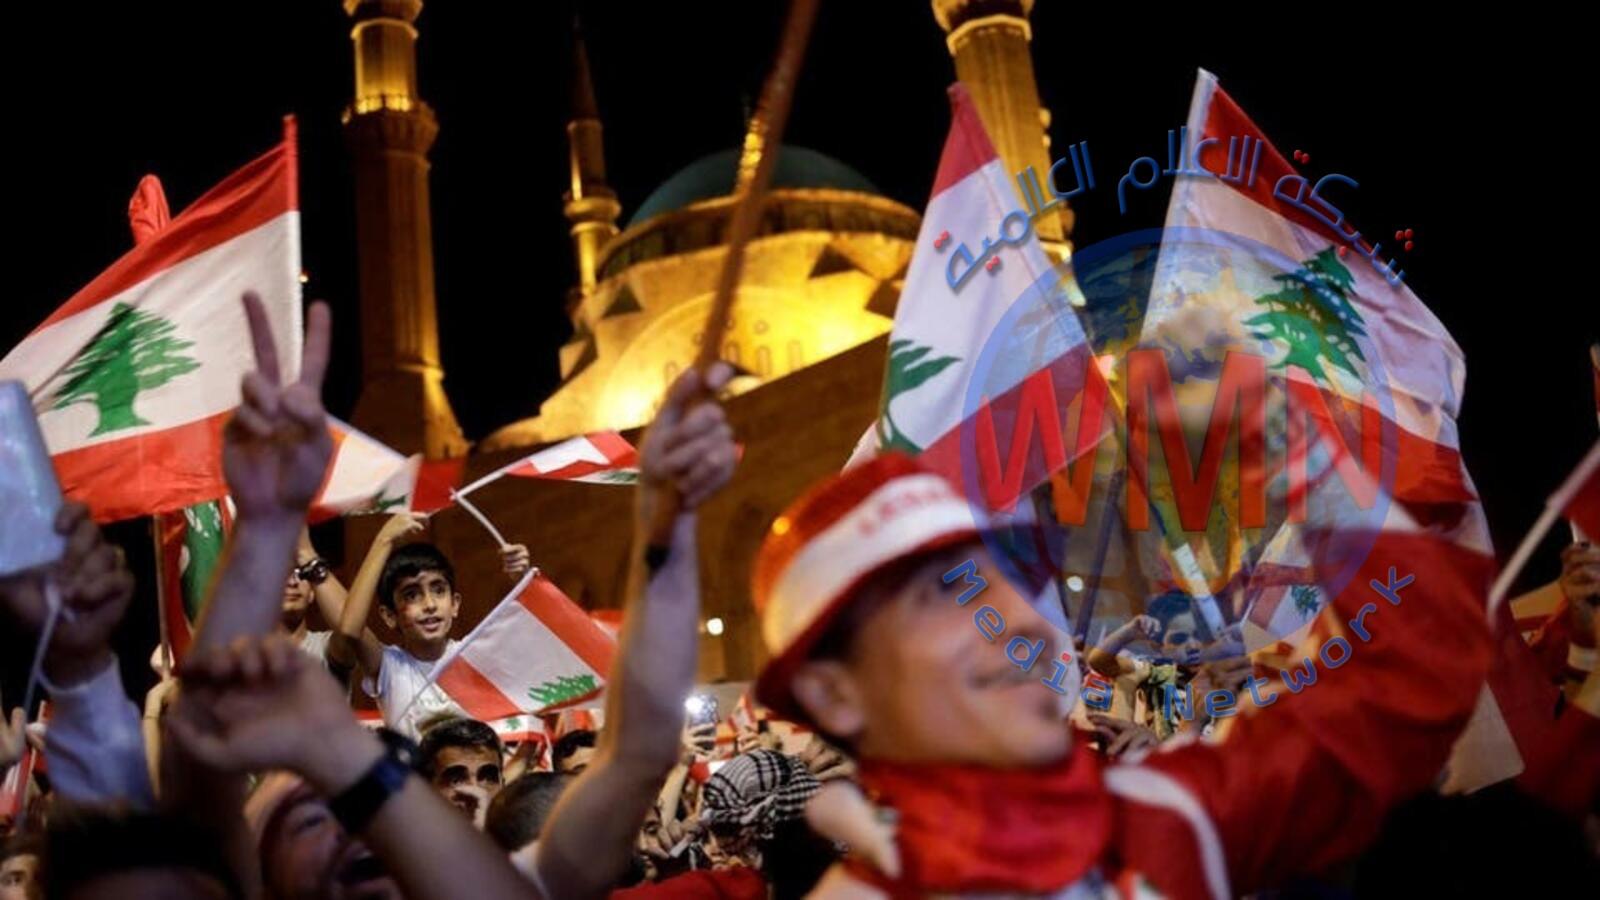 متظاهرون يتعهدون بمنع عقد جلسة للبرلمان وانتشار أمني كثيف وسط بيروت